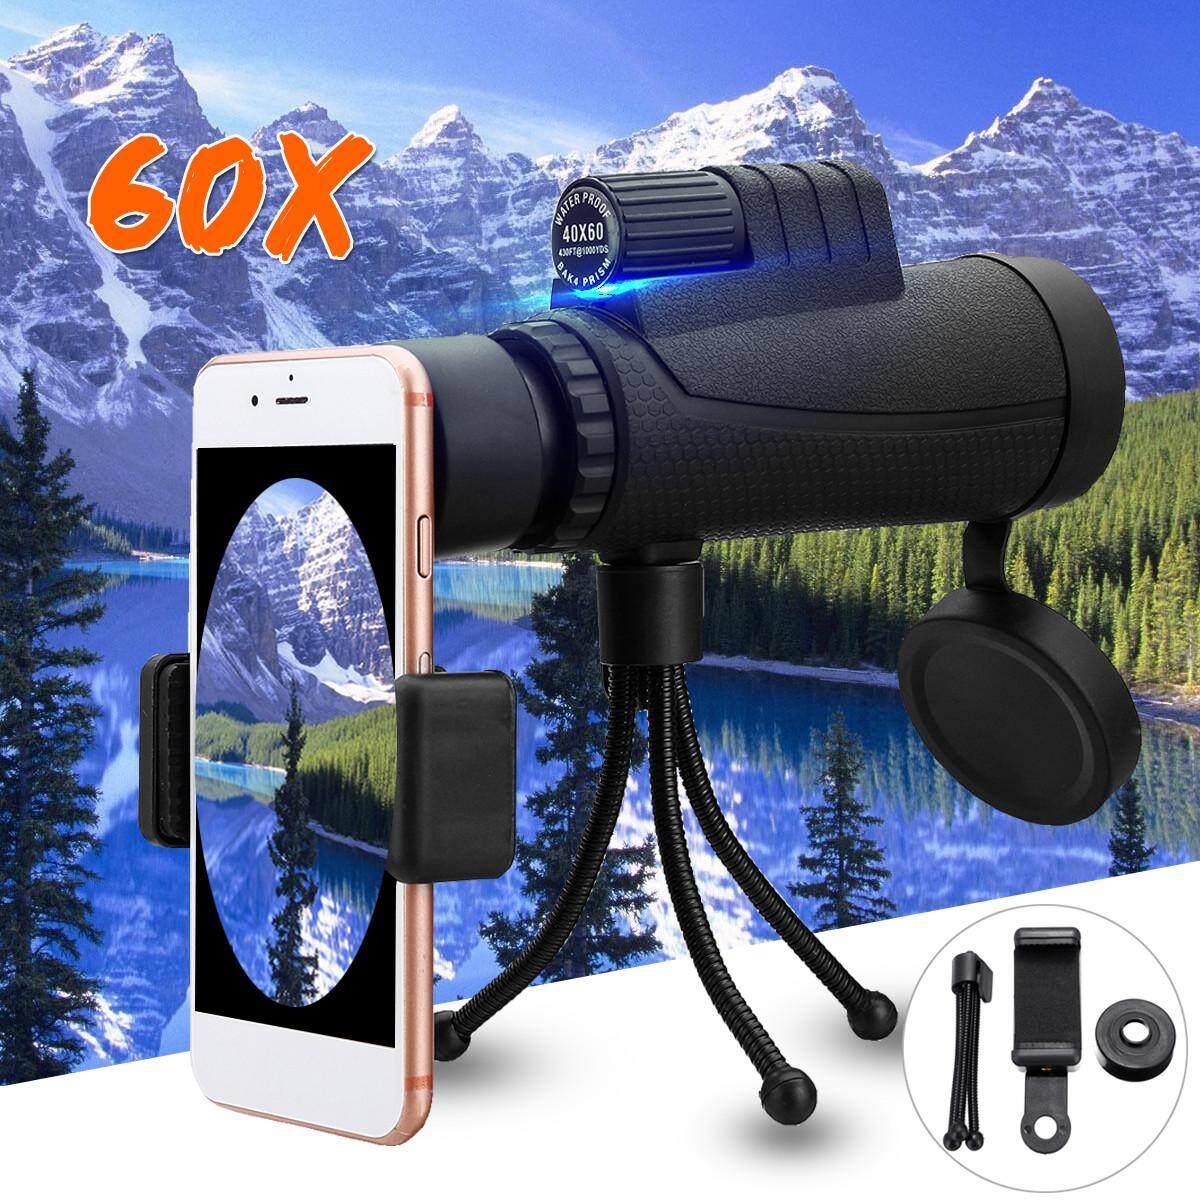 40X60 Tele Kamera Monokular Lensa + Tempat Ponsel + Tripod untuk Telepon Seluler